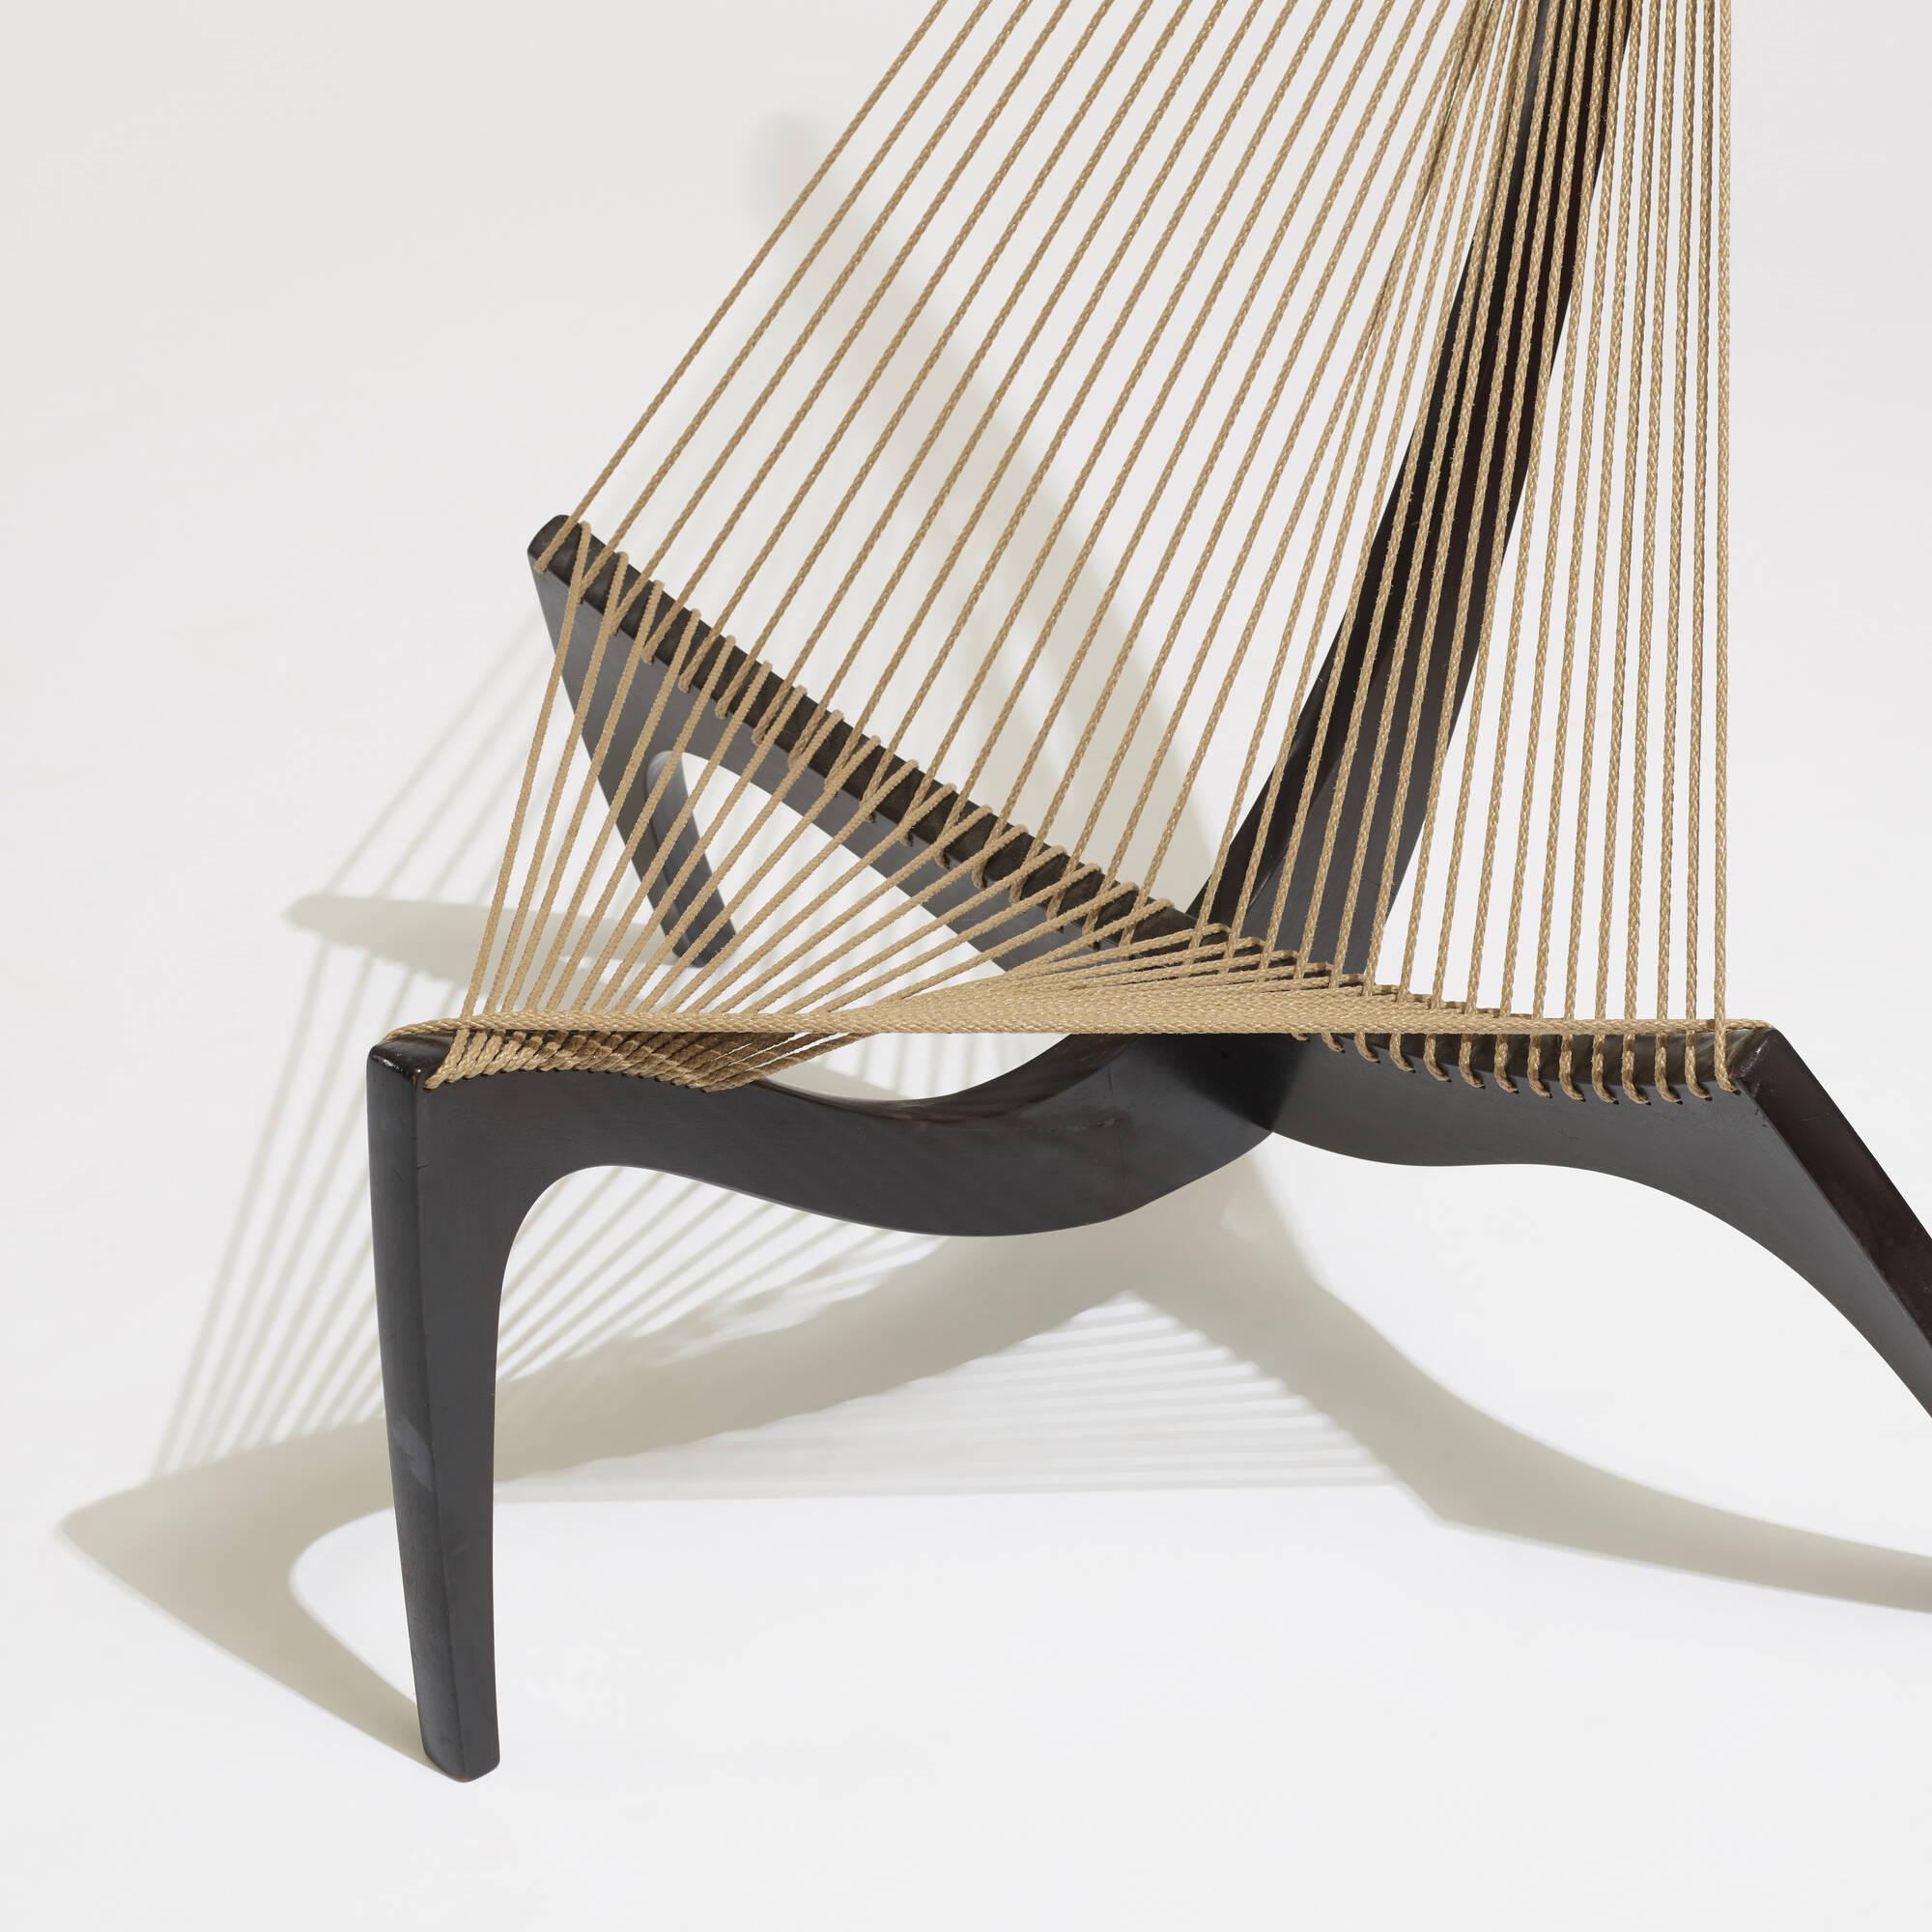 146: Jorgen Hovelskov / Harp chair (4 of 4)